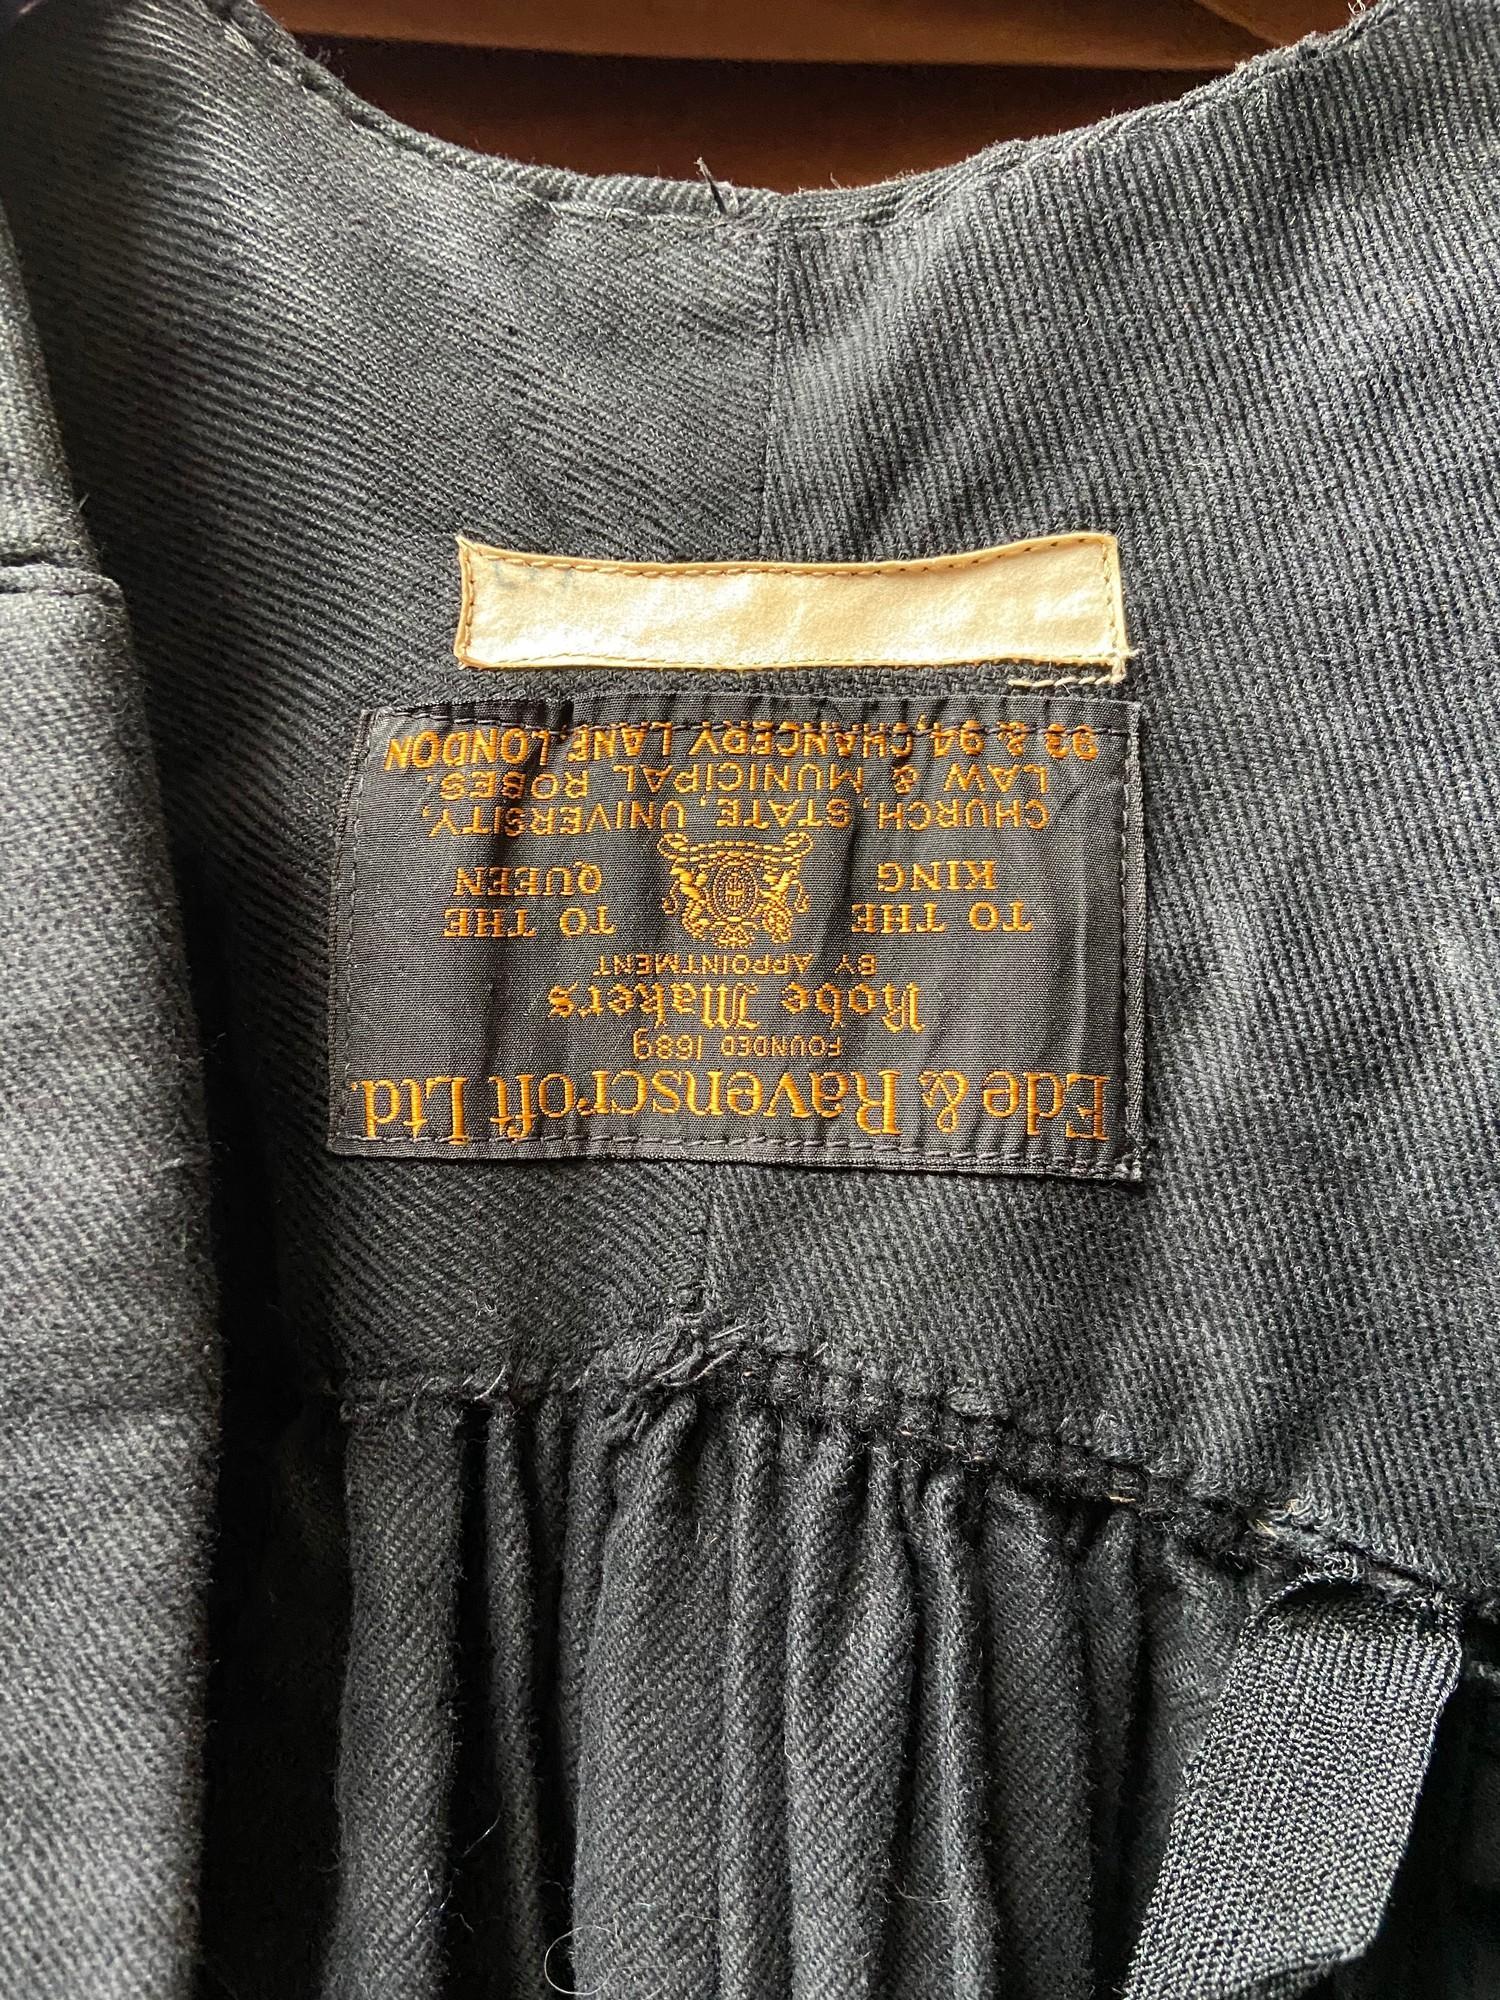 Lot 399C - Antique Ede & Ravenscroft Ltd Robe/ Graduation gown.